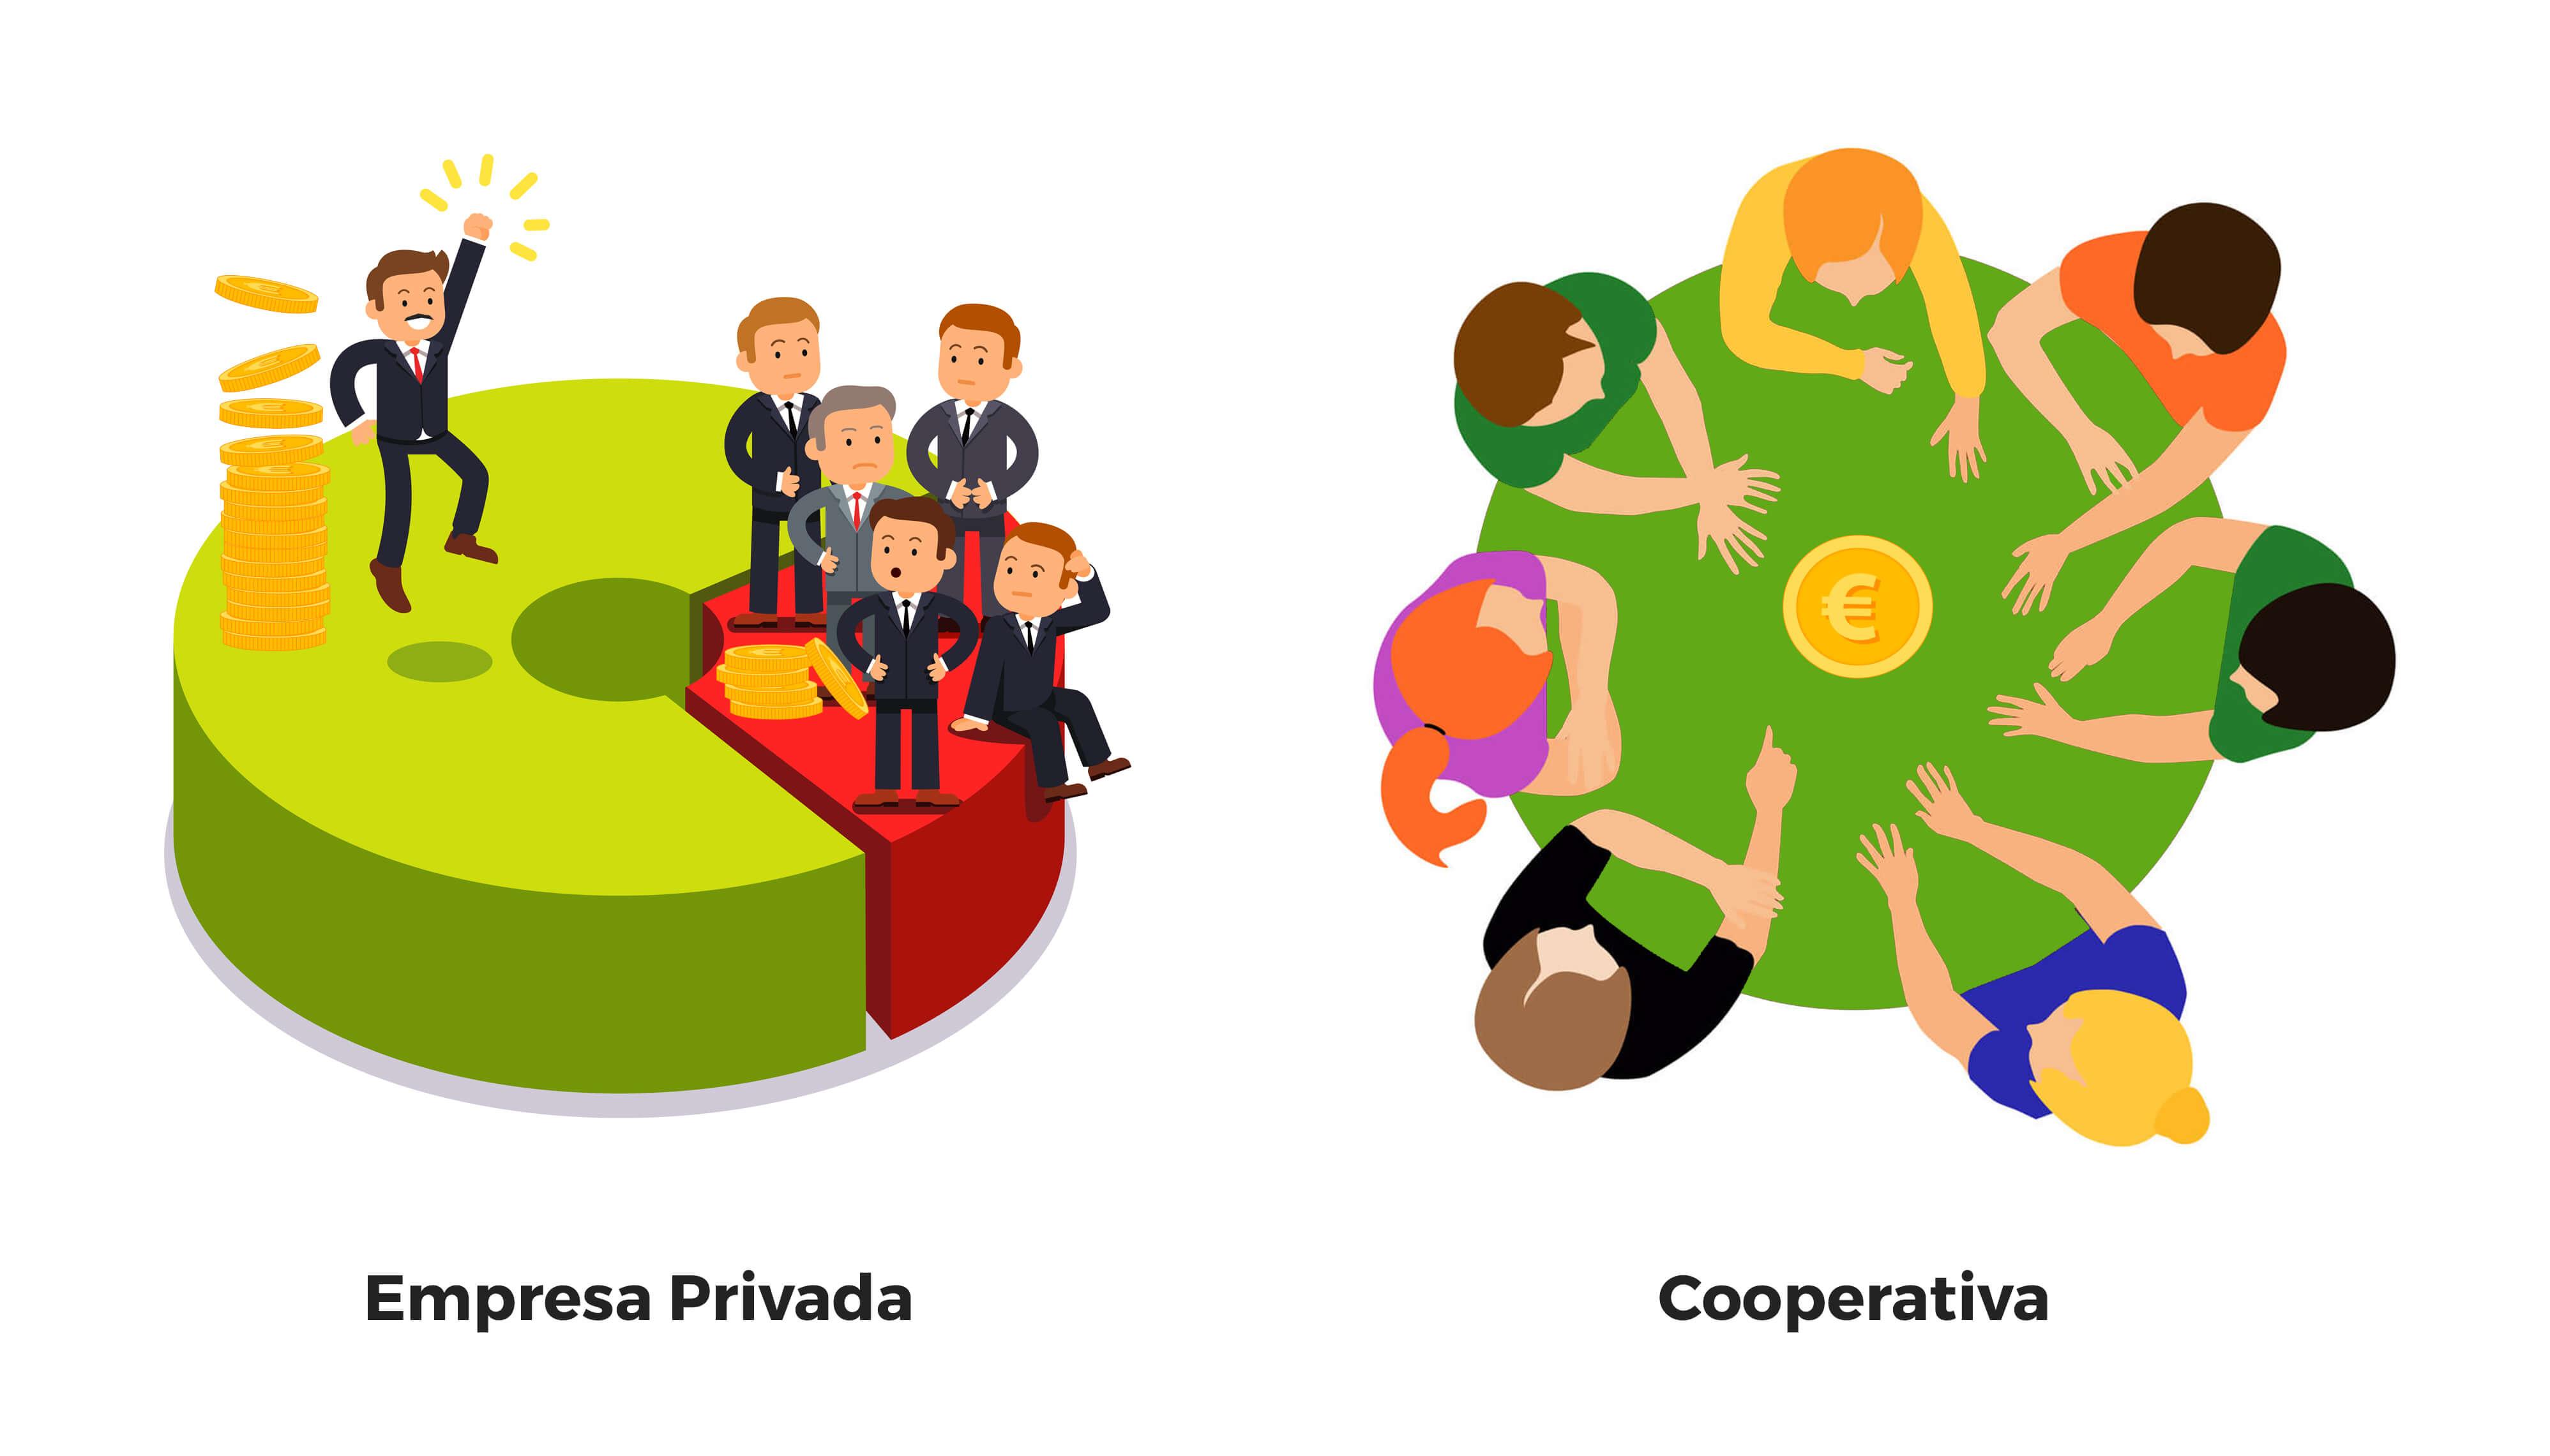 cooperativa-vs-empresa-privada